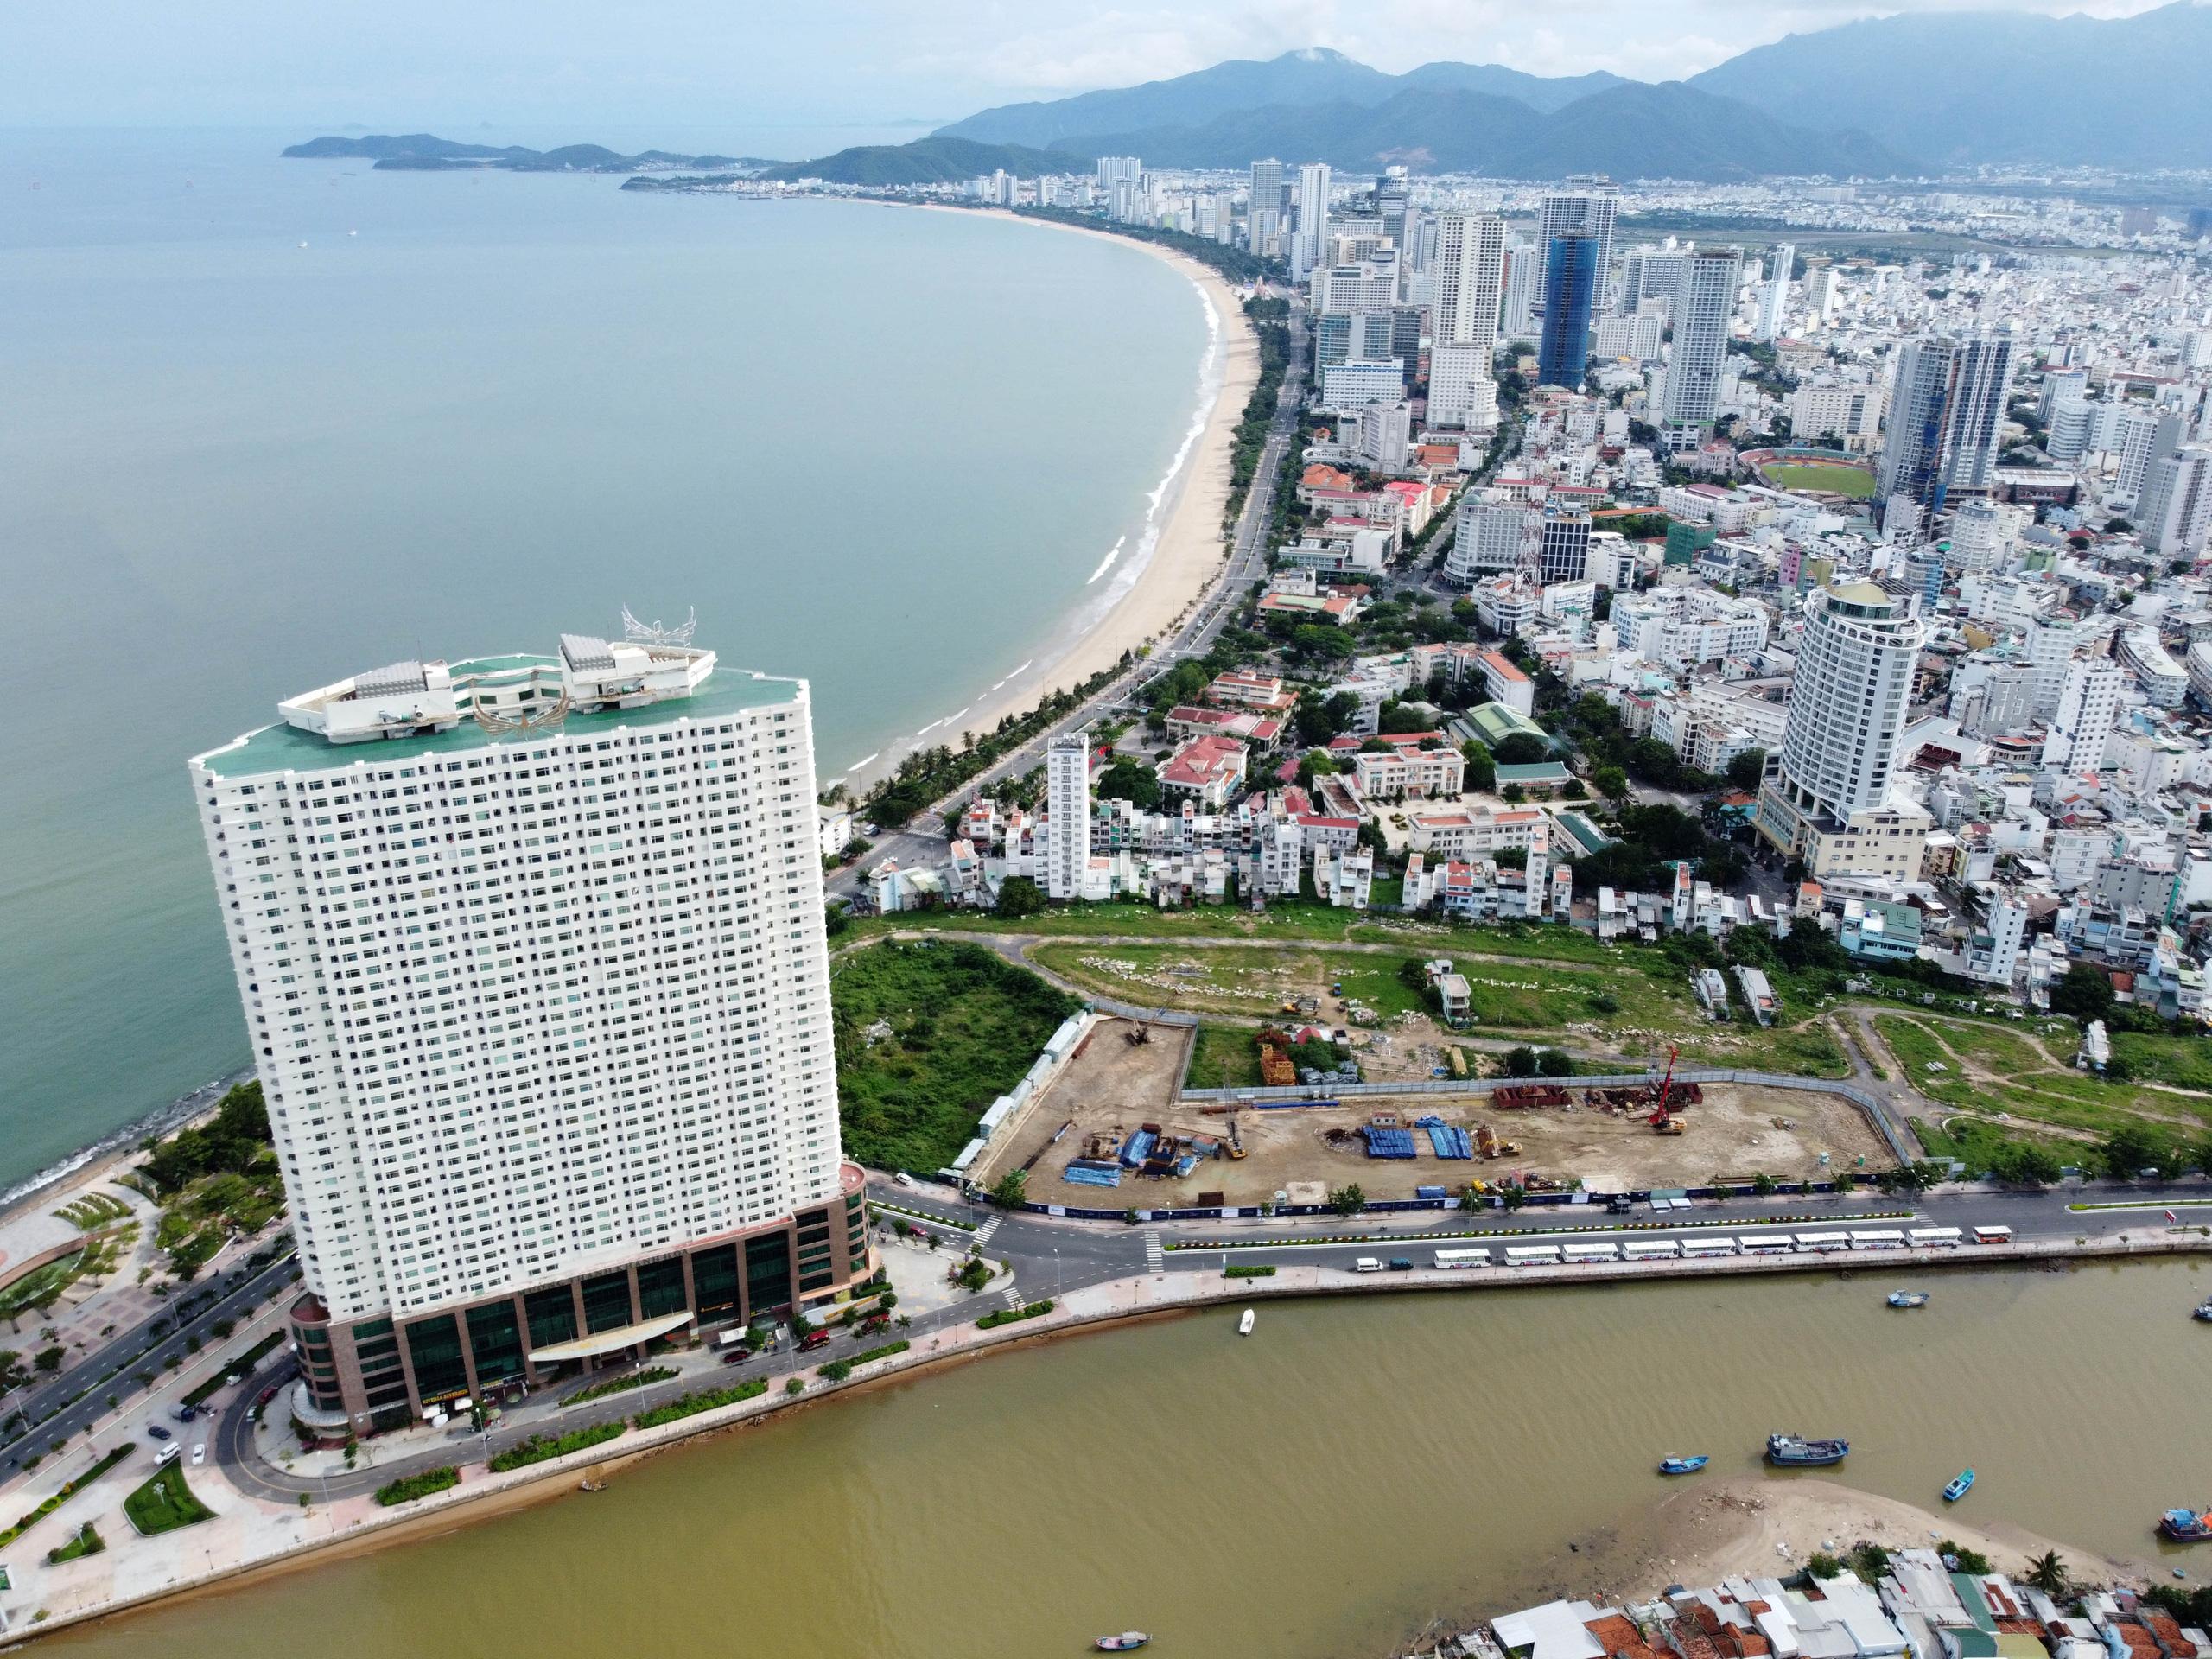 Nha Trang sẽ có không gian giới thiệu sản phẩm, văn hóa, ẩm thực 3 miền và tuyến phố đi bộ - Ảnh 1.